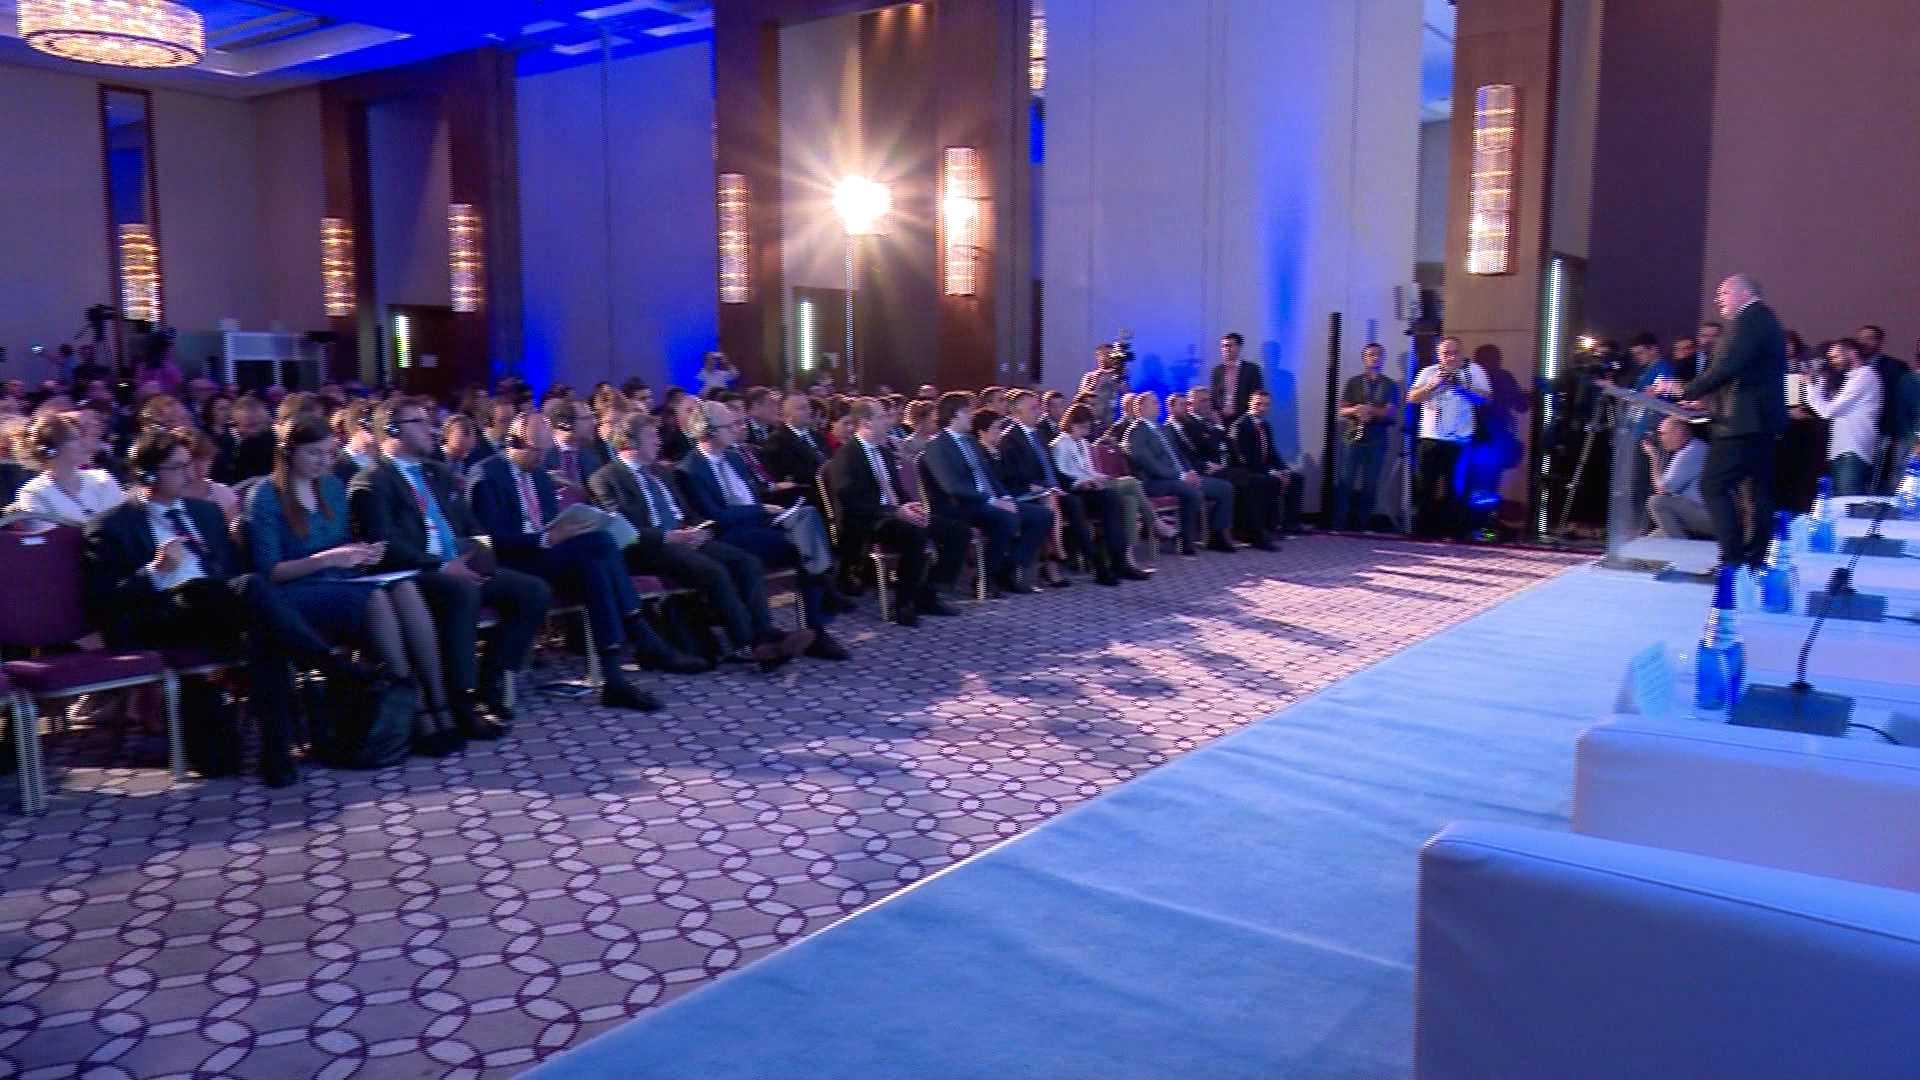 კონფერენცია საქართველოს ევროპული გზა